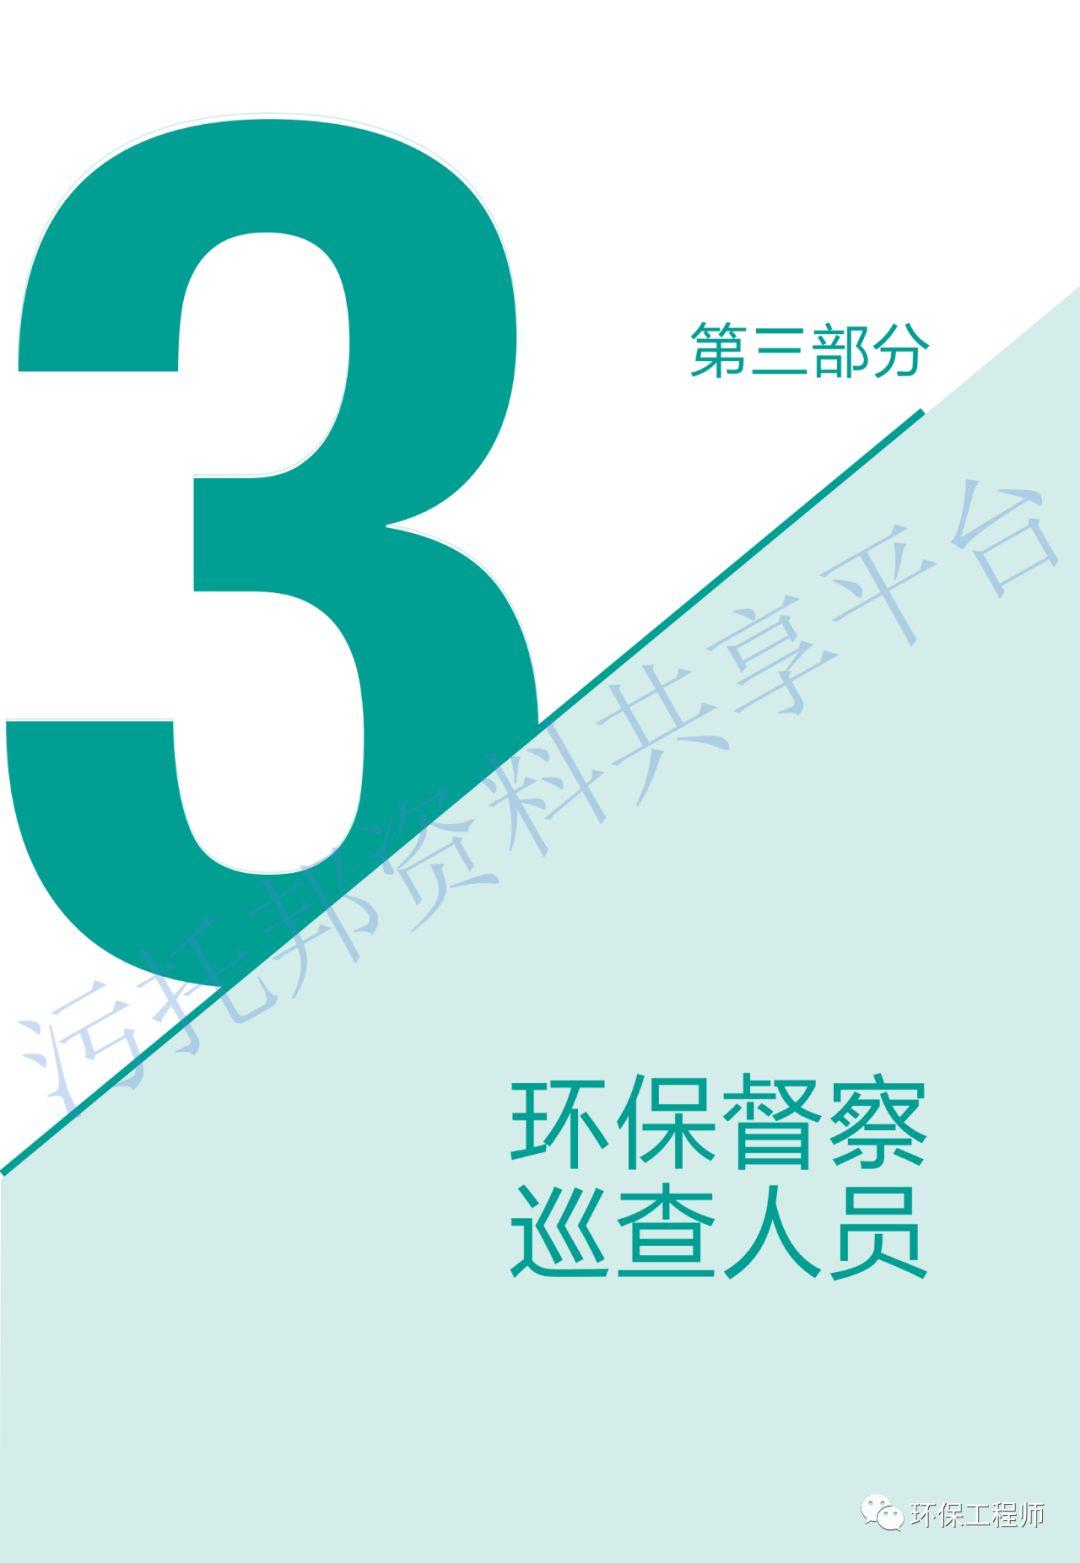 《环保从业人员新型冠状病毒疫情防护手册》_10